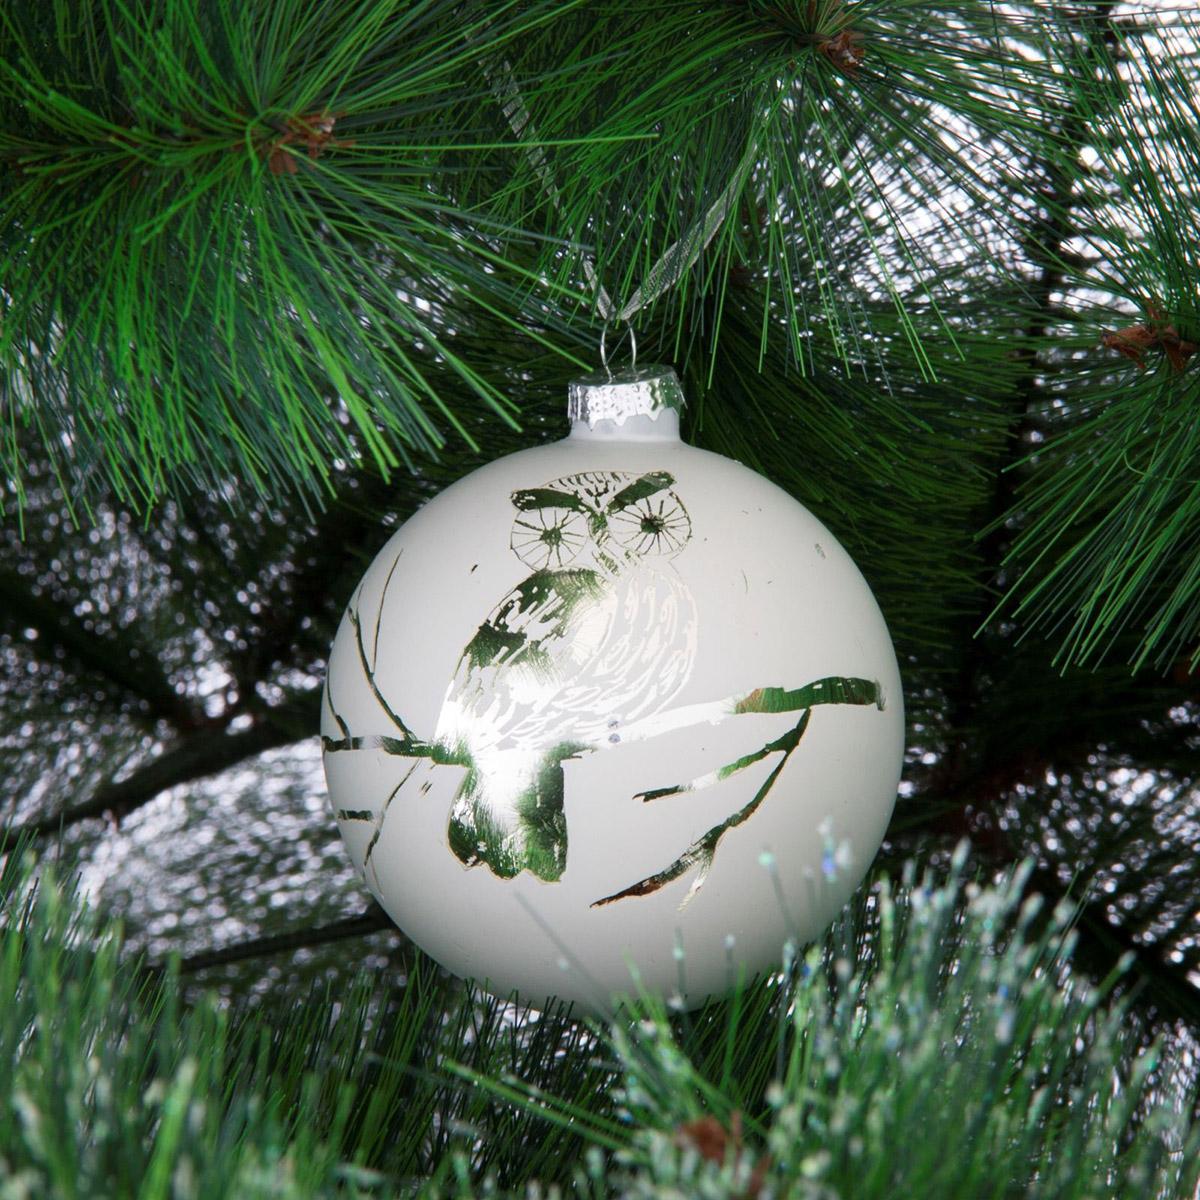 Новогоднее подвесное украшение Sima-land Зеркальный. Сова, диаметр 8 см188216Новогоднее украшение Sima-land отлично подойдет для декорации вашего дома и новогодней ели. Елочная игрушка - символ Нового года. Она несет в себе волшебство и красоту праздника. Такое украшение создаст в вашем доме атмосферу праздника, веселья и радости.